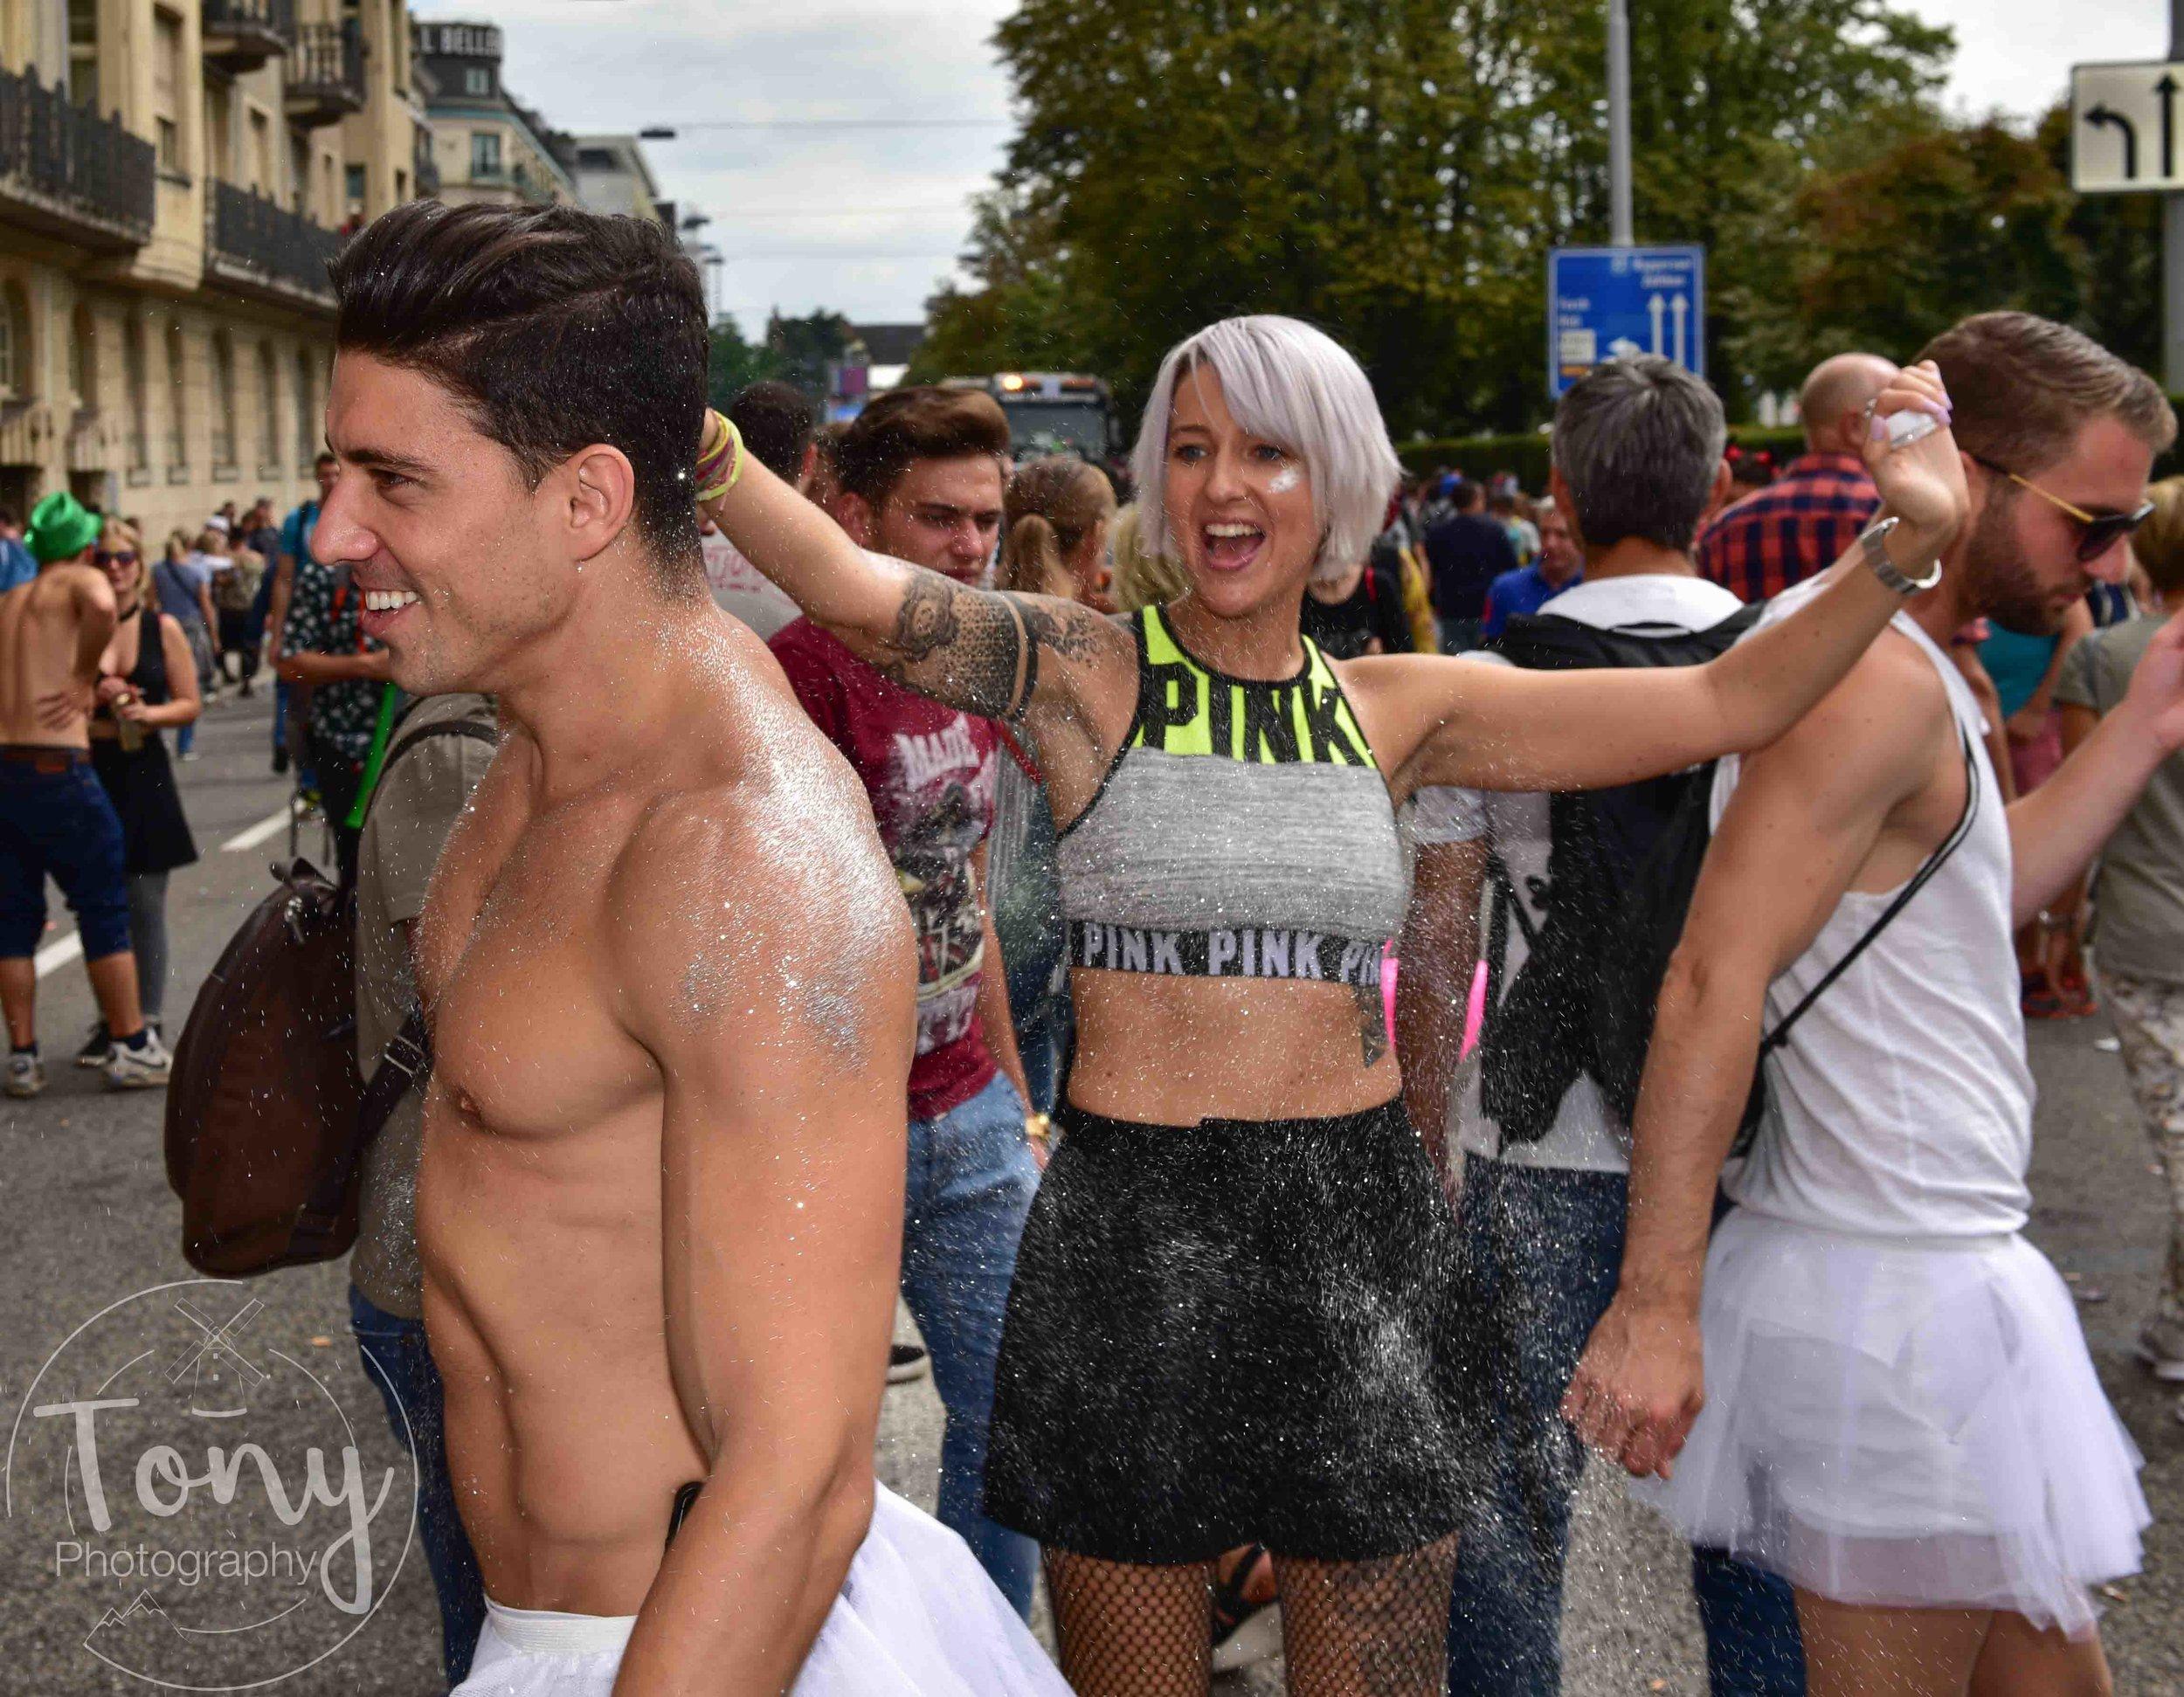 streetparade-101.jpg